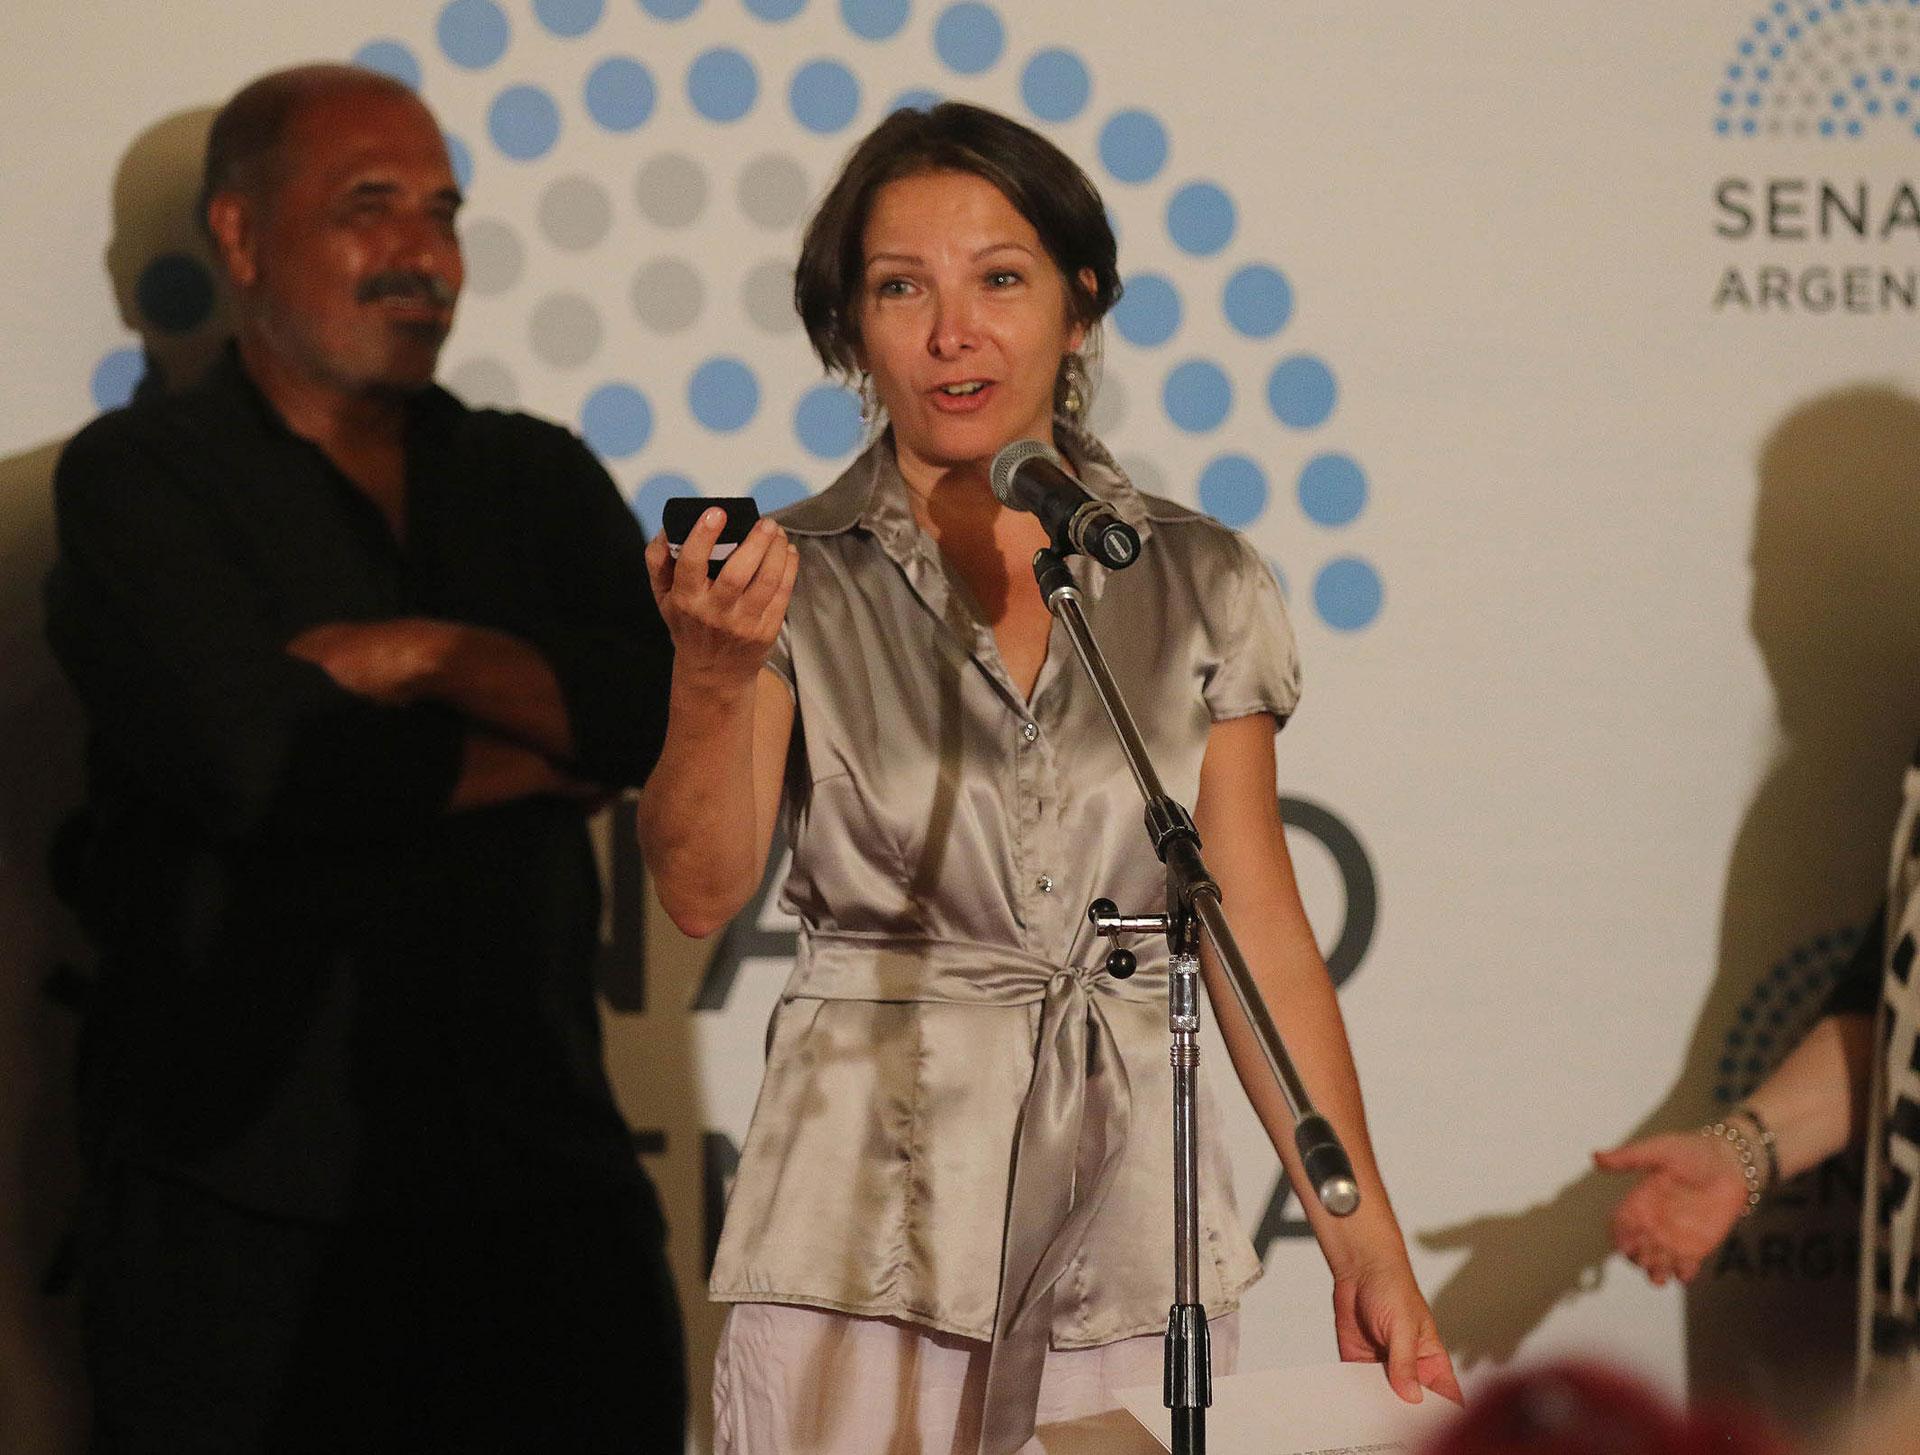 Alejandra Darín recibió la medalla en lugar de su hermano Ricardo